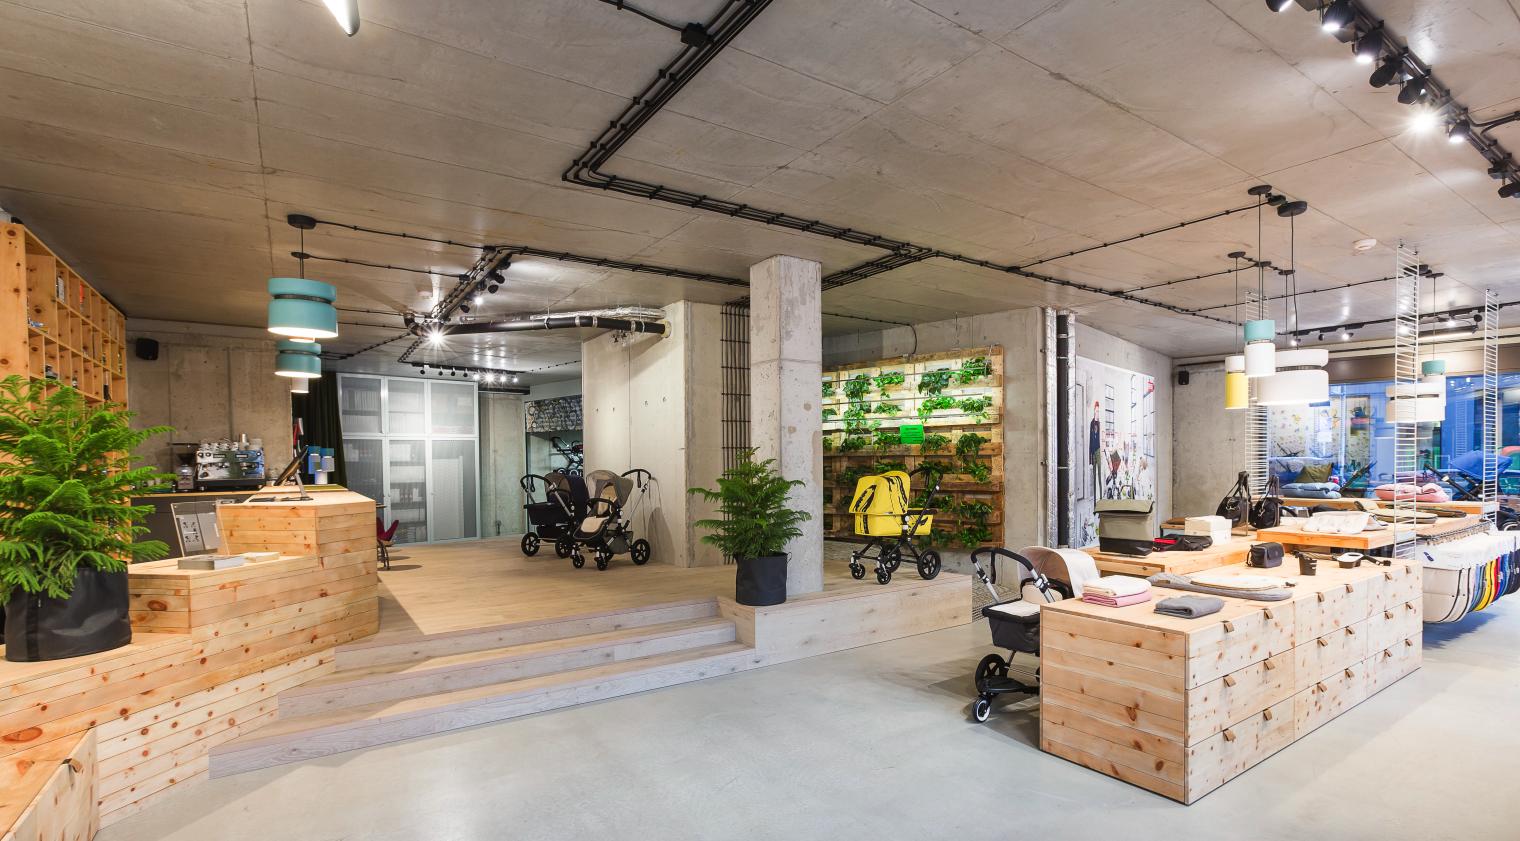 Toques sensoriales de werner aisslinger en la tienda de for Design shops berlin